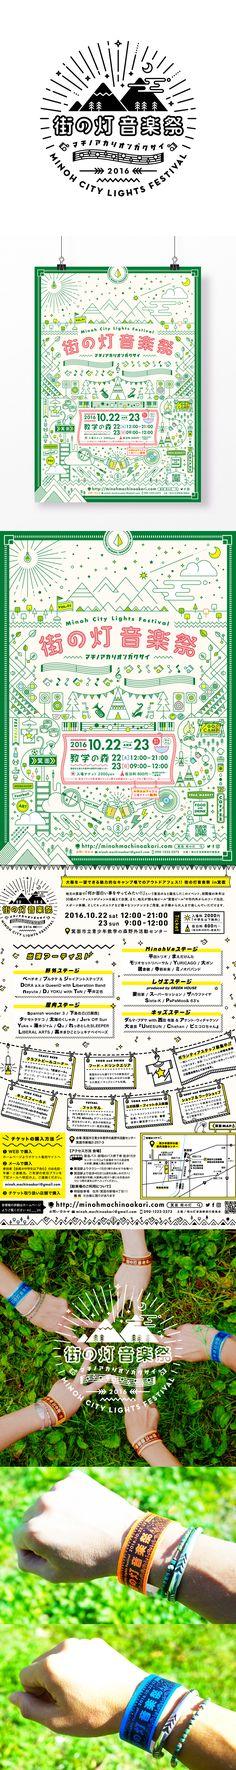 地元開催のイベント『街の灯音楽祭』のデザイン イラスト アートワークを担当。 大阪を一望できる魅力的なキャンプ場でのアウトドアフェス!! 街の灯音楽祭 in箕面 地元の箕面で『何か面白い事をやってみたい!!』という意志のもと誕生したこのイベント。 初開催の本年は30組のアーティストがジャンルを越えて出演。 さらに地元が誇る地ビール箕面ビールや市 #design #graphic #graphicdesign #graphicdesigner #art #logo #logodesign #illustrator #illustration #poster #flyer #outdoor #outdoors #event #デザイン #グラフィックデザイン #グラフィックデザイナー #アート #ロゴ #ロゴデザイン #イラストレーター #イラストレーション #ポスター #チラシ #アウトドア #イベント